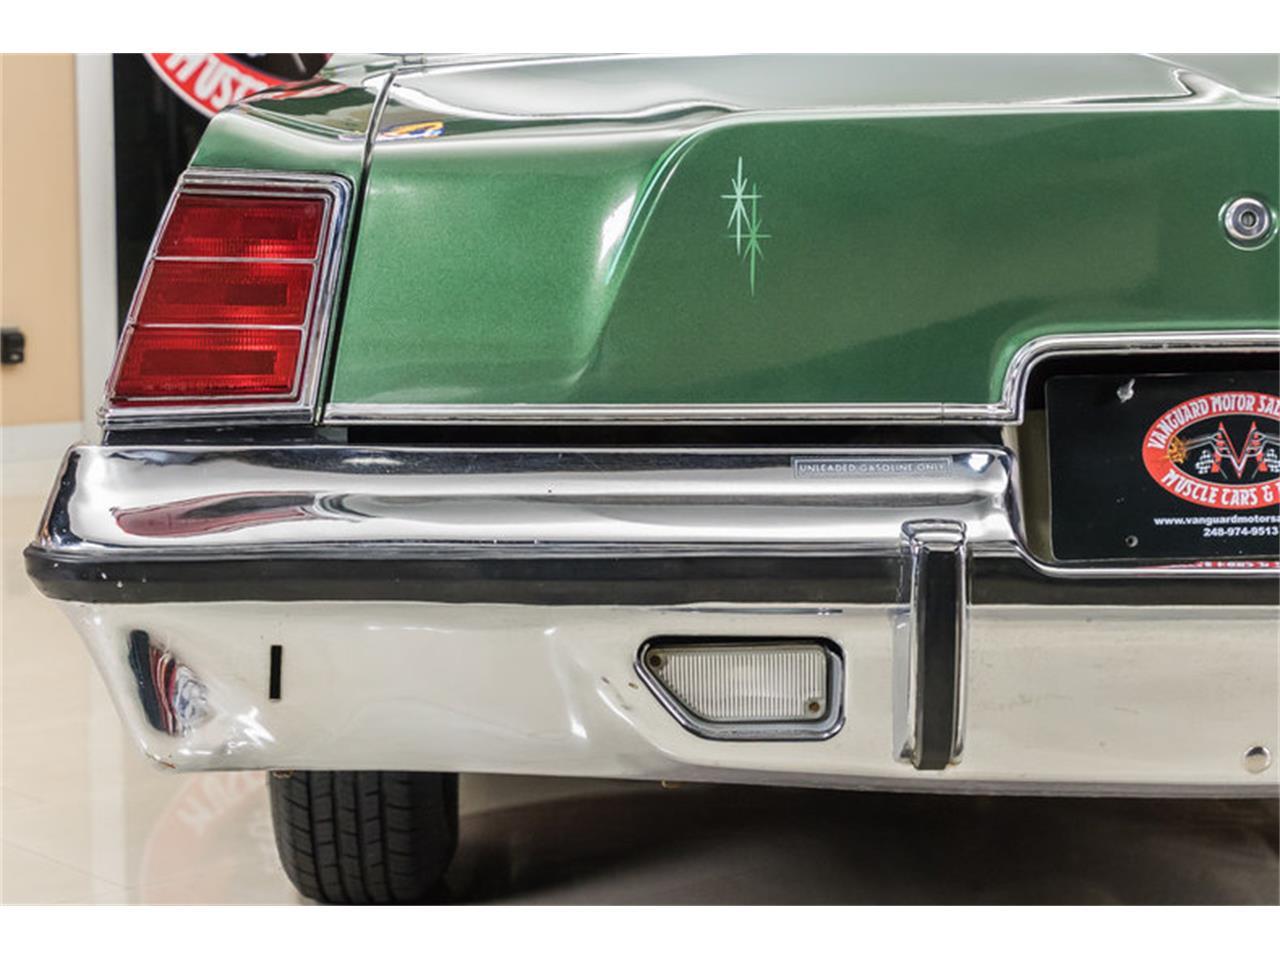 For Sale: 1977 Dodge Monaco in Plymouth, Michigan